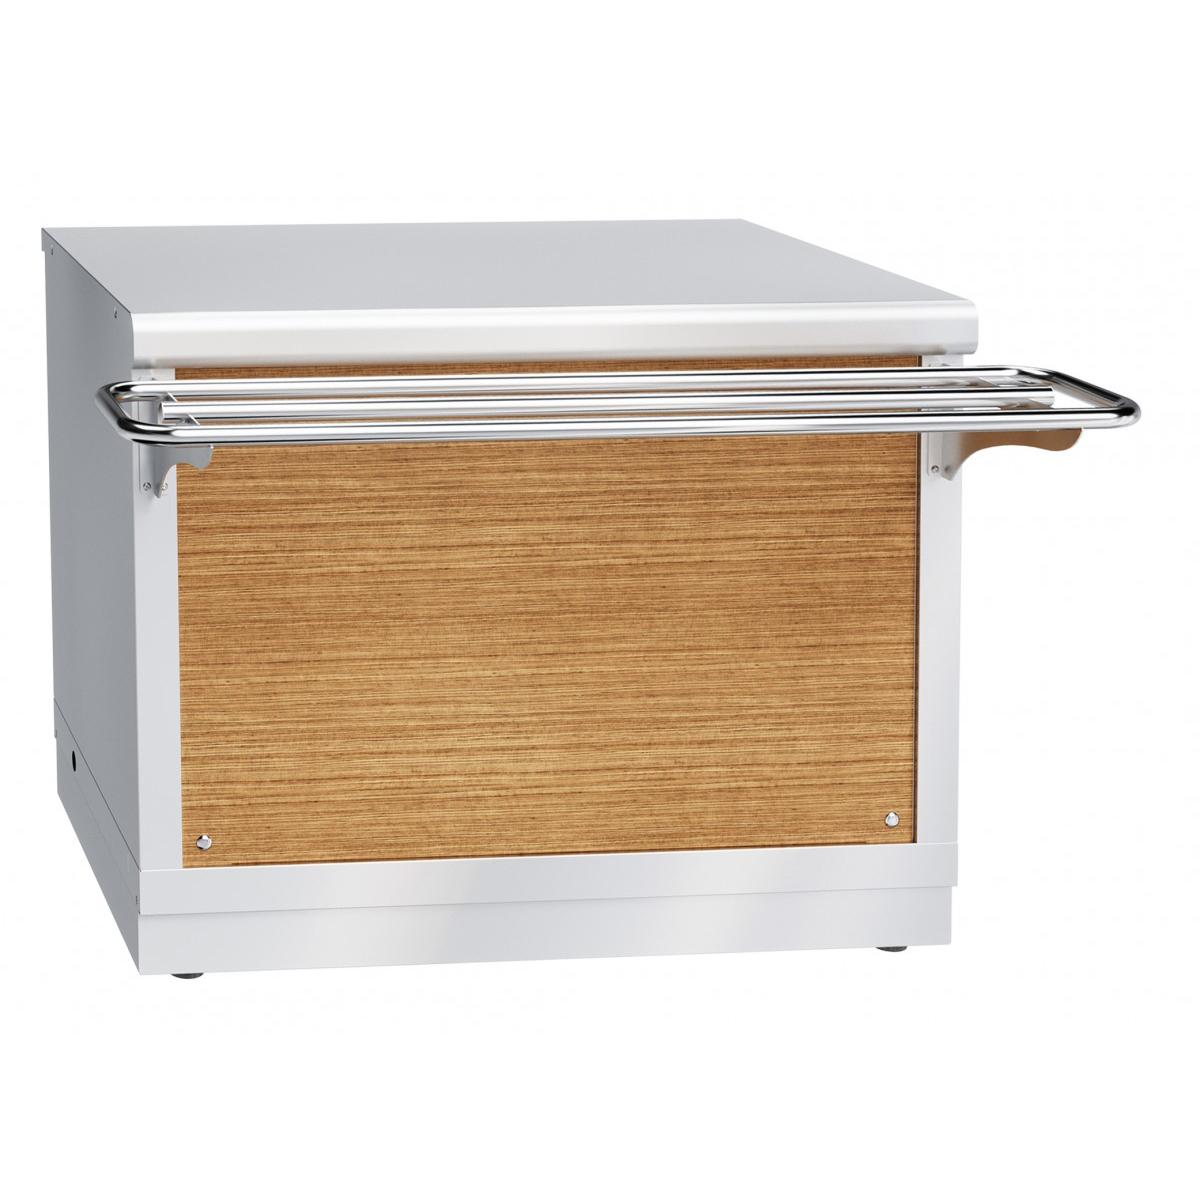 Прилавок-витрина тепловой ЧувашТоргТехника ПВТ-70Х-02